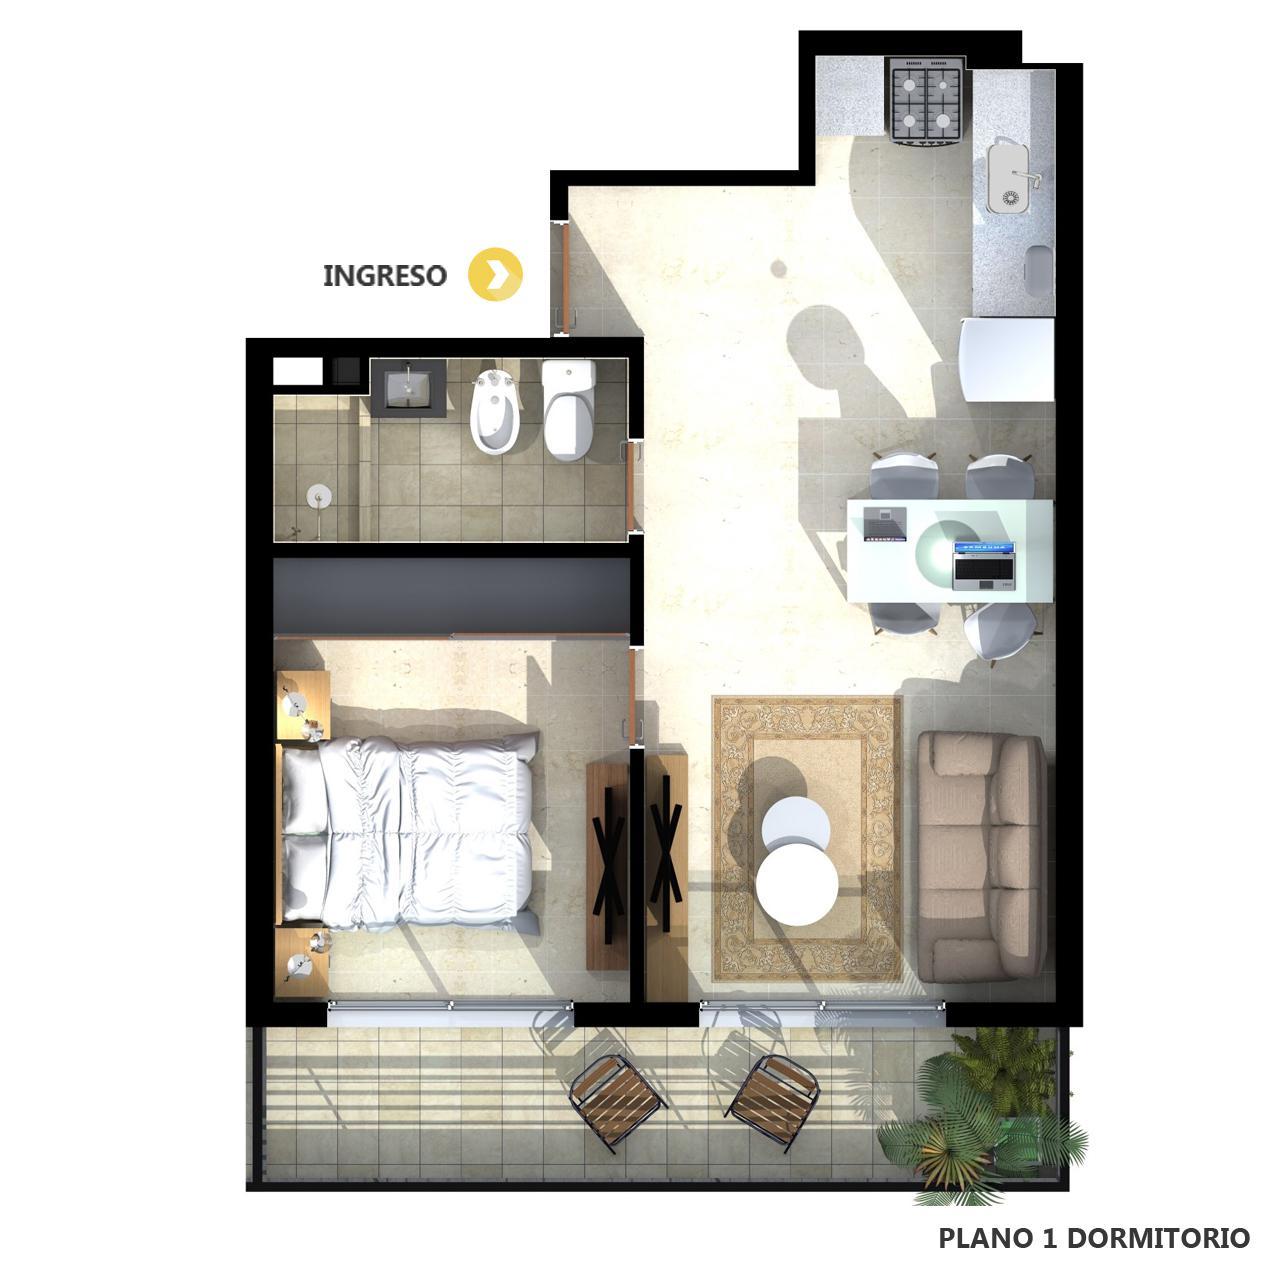 Venta departamento 1 dormitorio Rosario, Parque España. Cod CBU12472 AP2199425. Crestale Propiedades